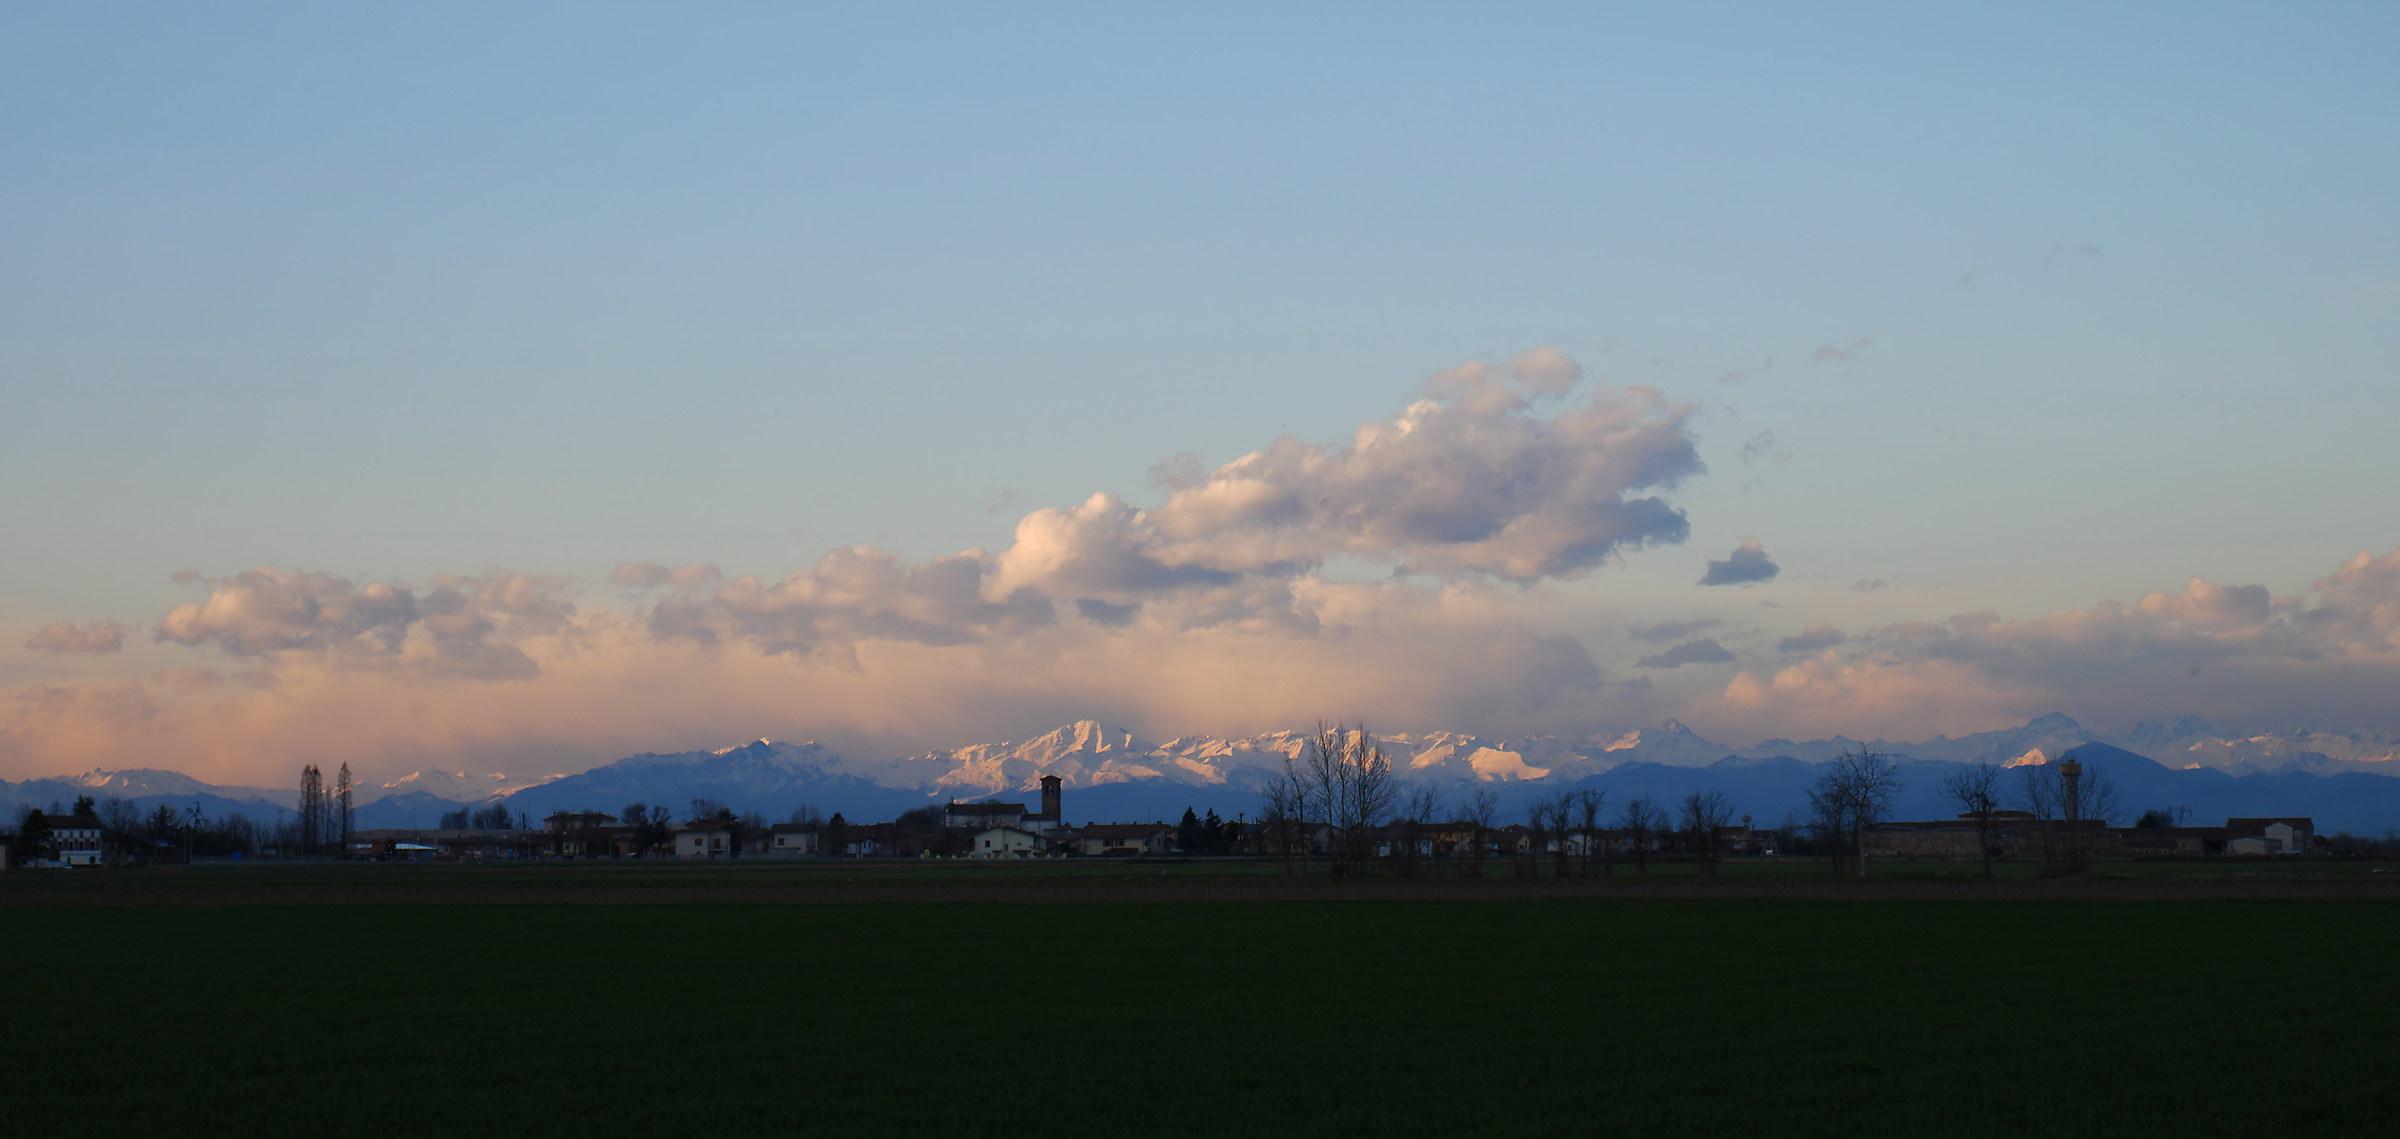 le alpi viste dalla pianura in una giornata invernale...